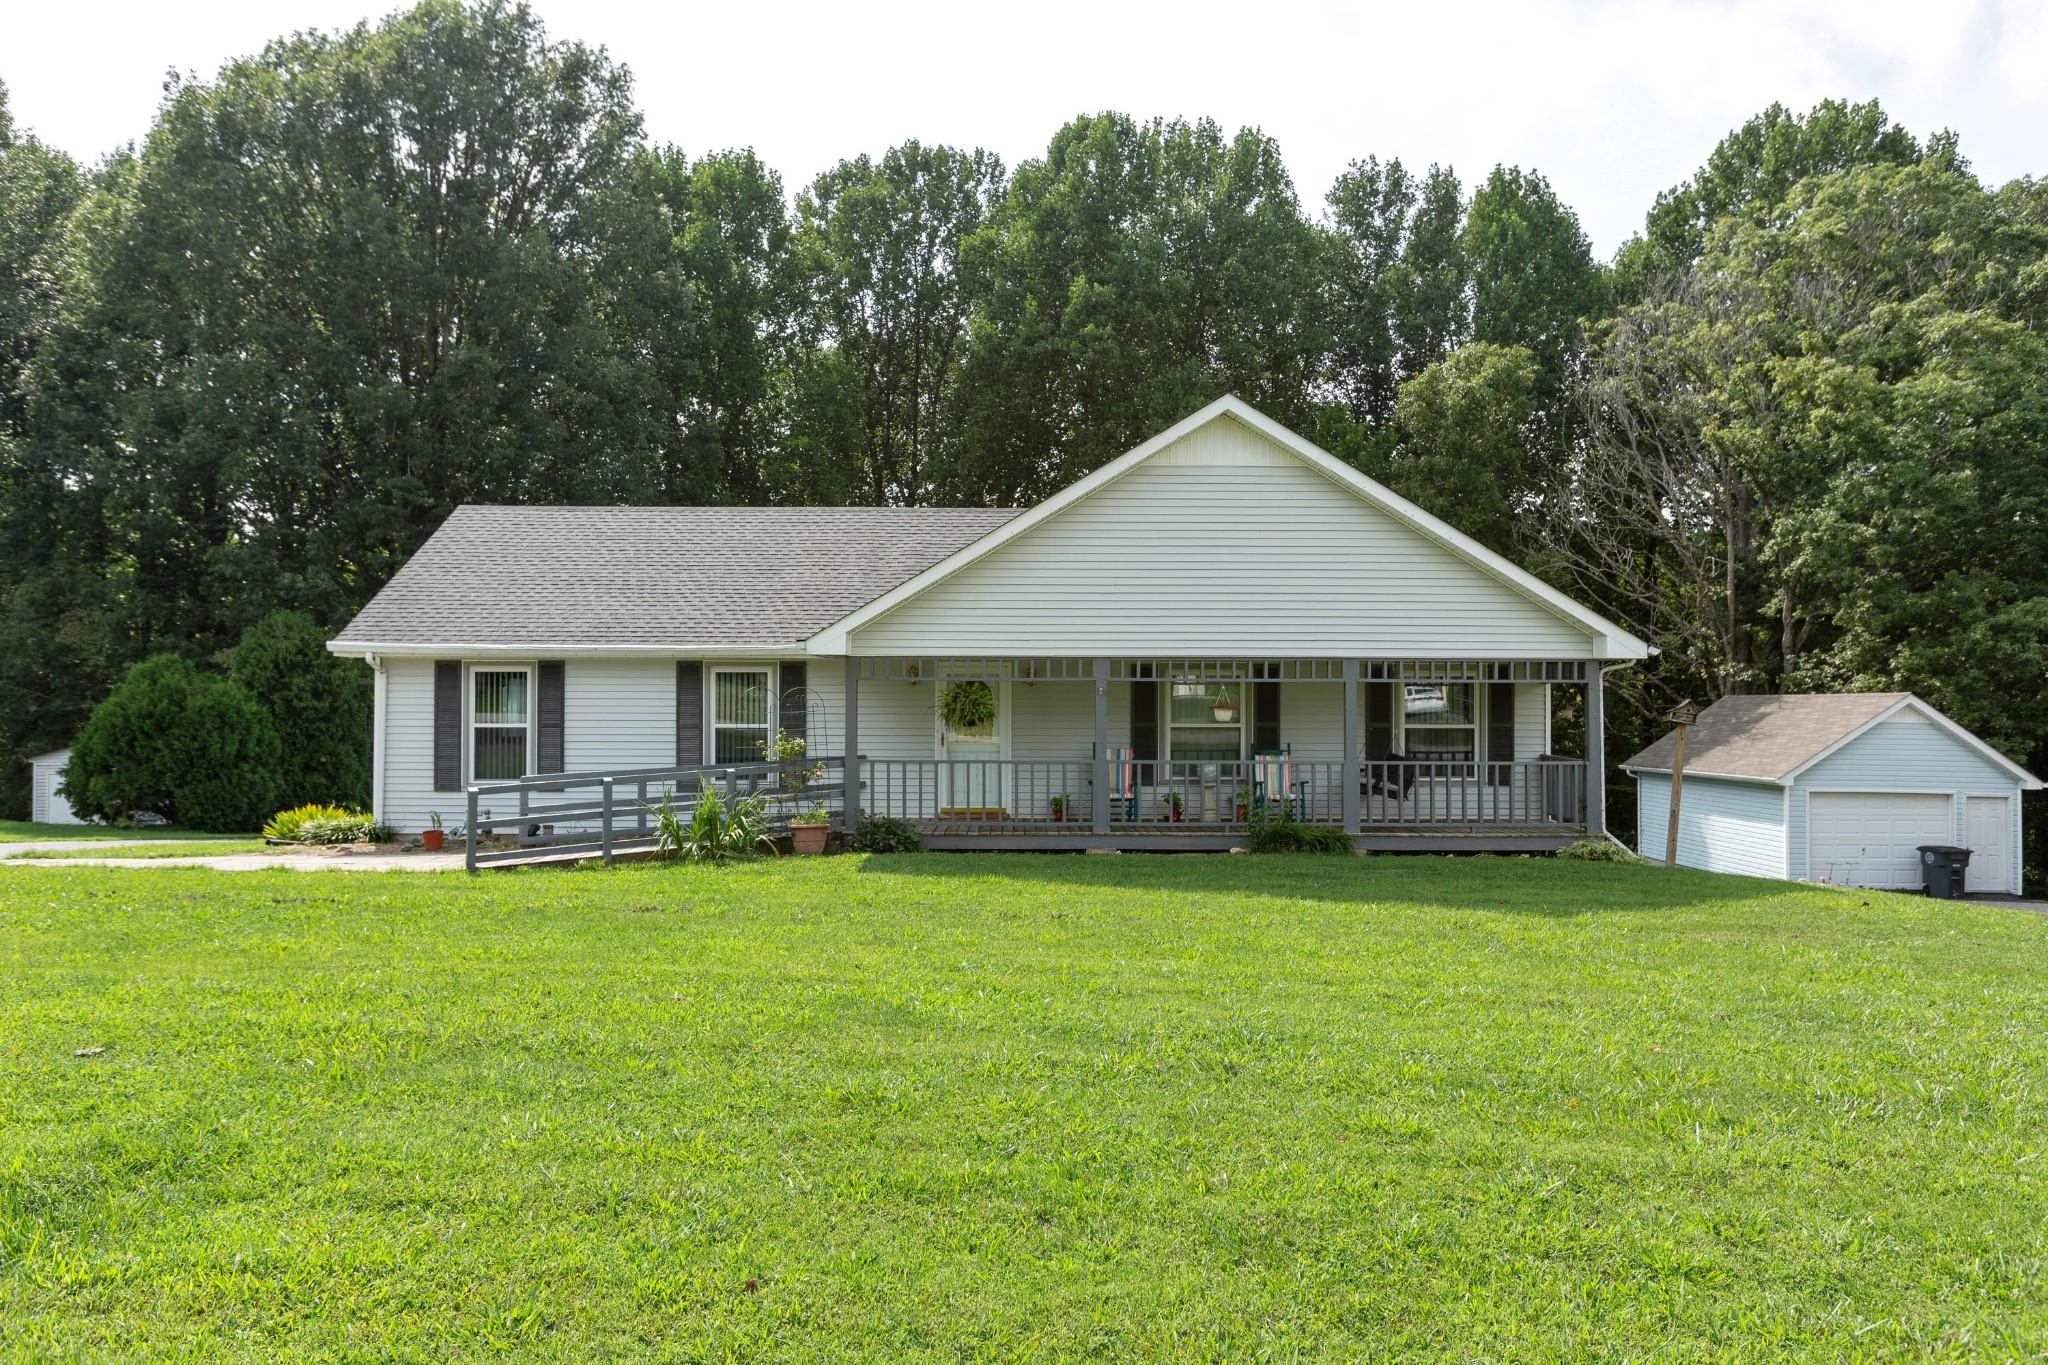 105 Hilco Dr, Lafayette, TN 37083 - Lafayette, TN real estate listing